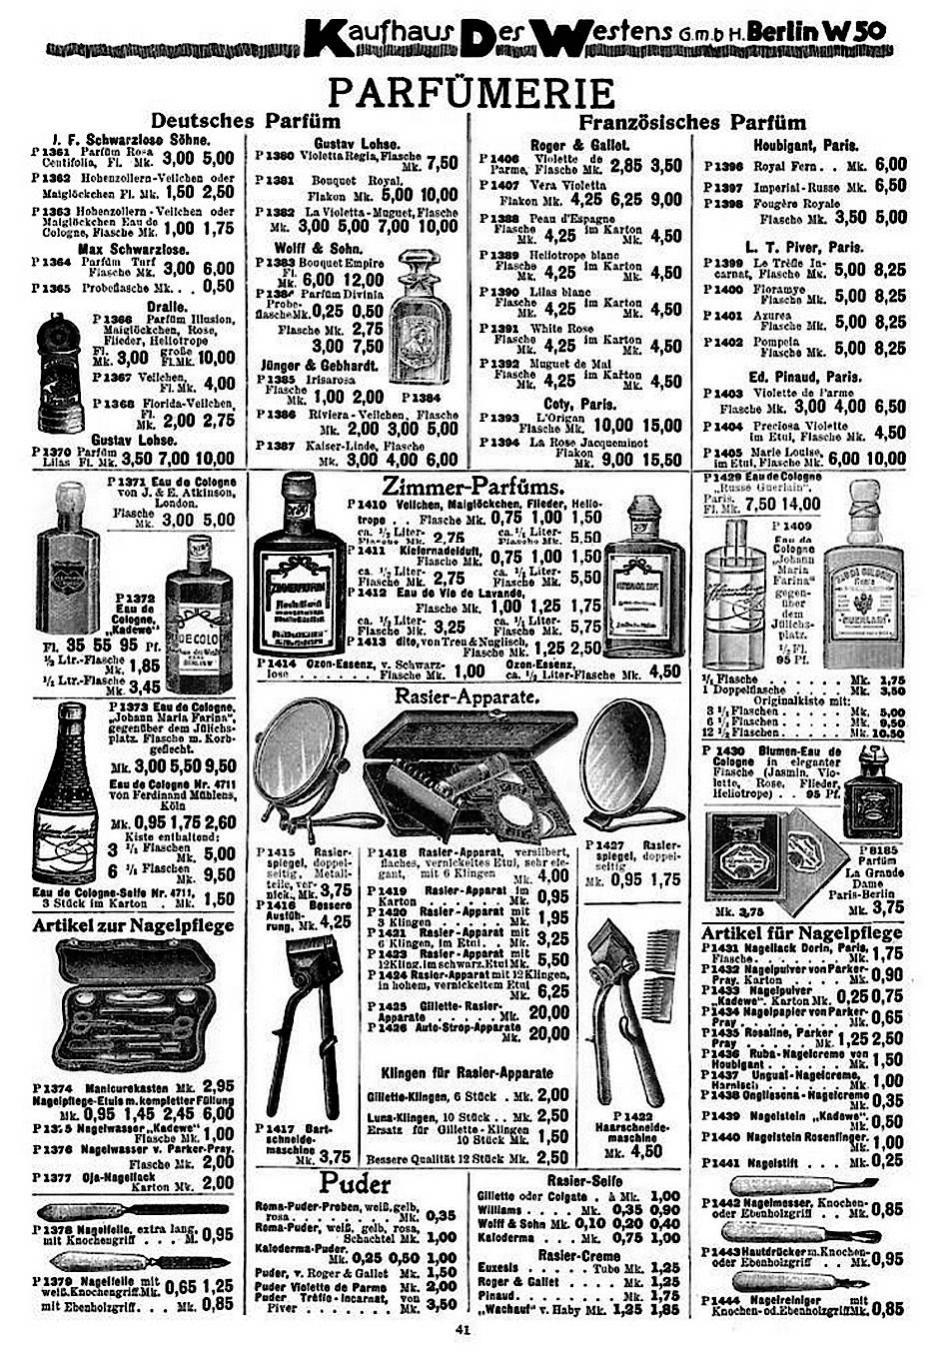 Deutsches Parfüm, französisches Parfüm: Seite aus dem KaDeWe-Katalog von 1913